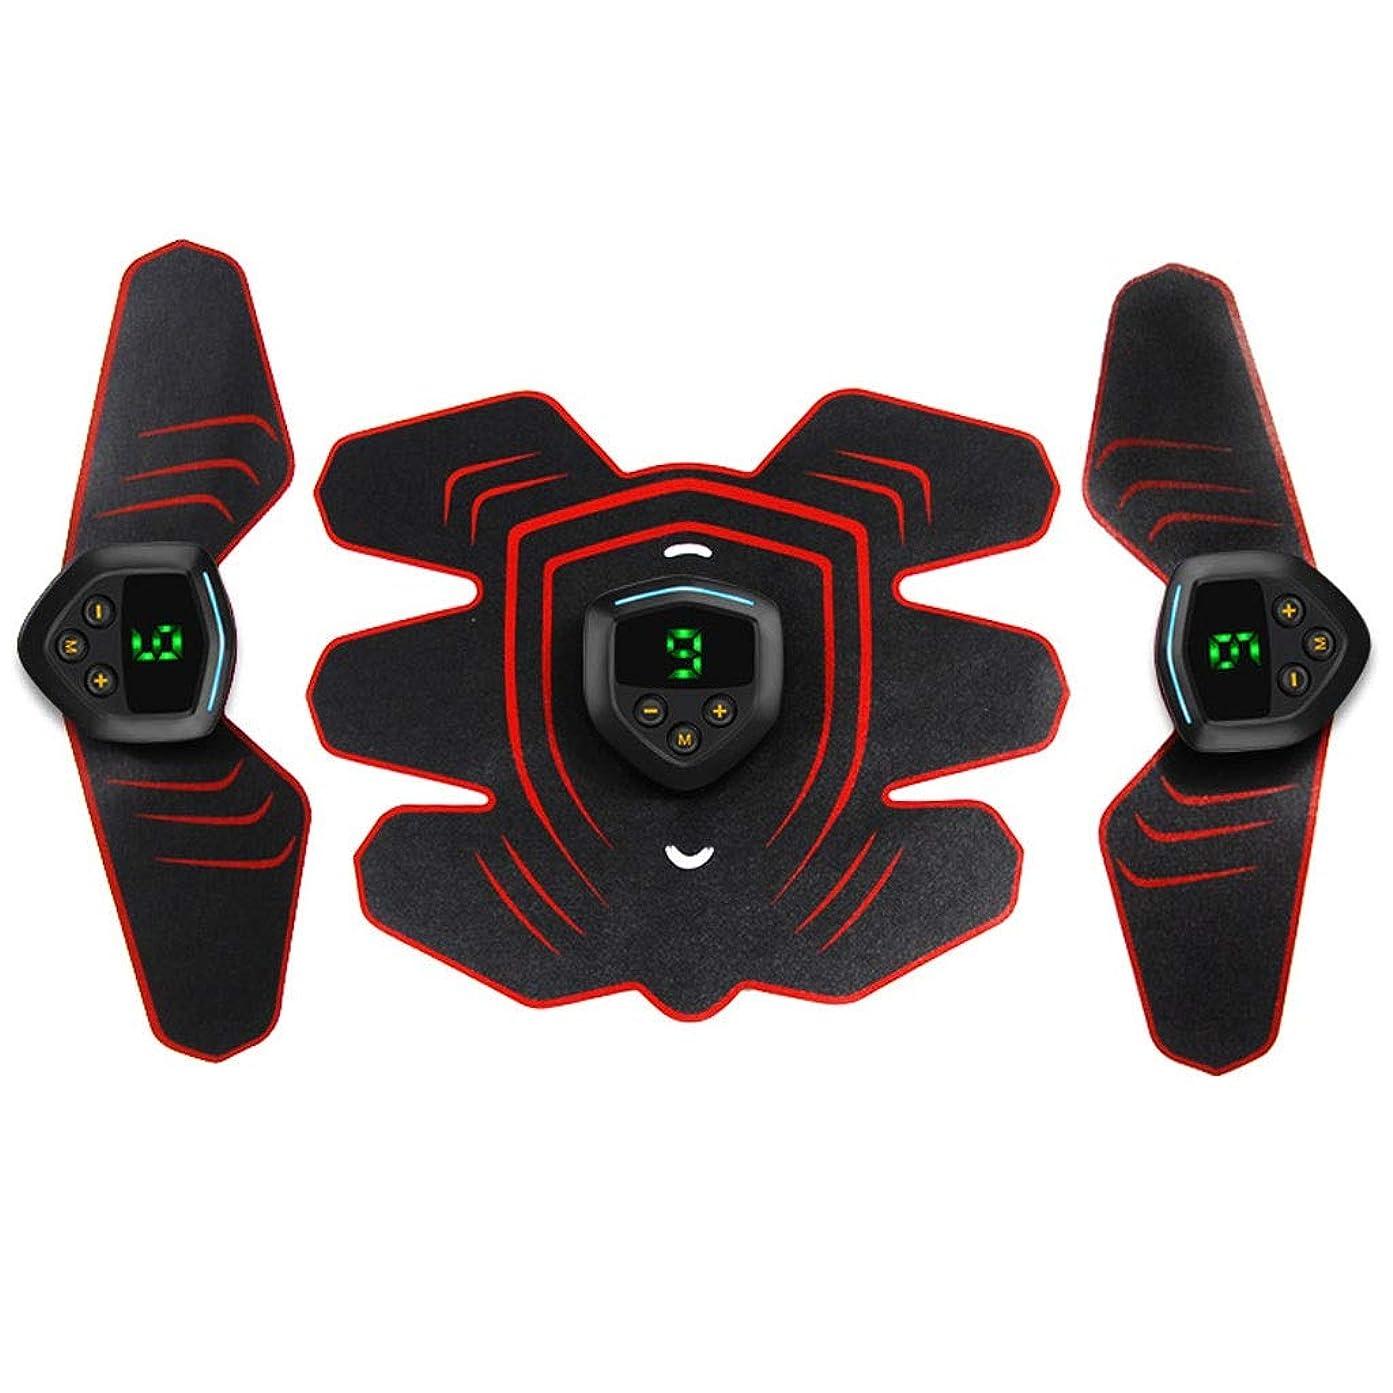 接続中で休眠筋肉刺激装置、EMS腹筋トレーナー腹部ベルトUSB充電式筋肉用トナー腹筋腕用脚腹筋サポートベルト (Size : 3 host 1 set of stickers)